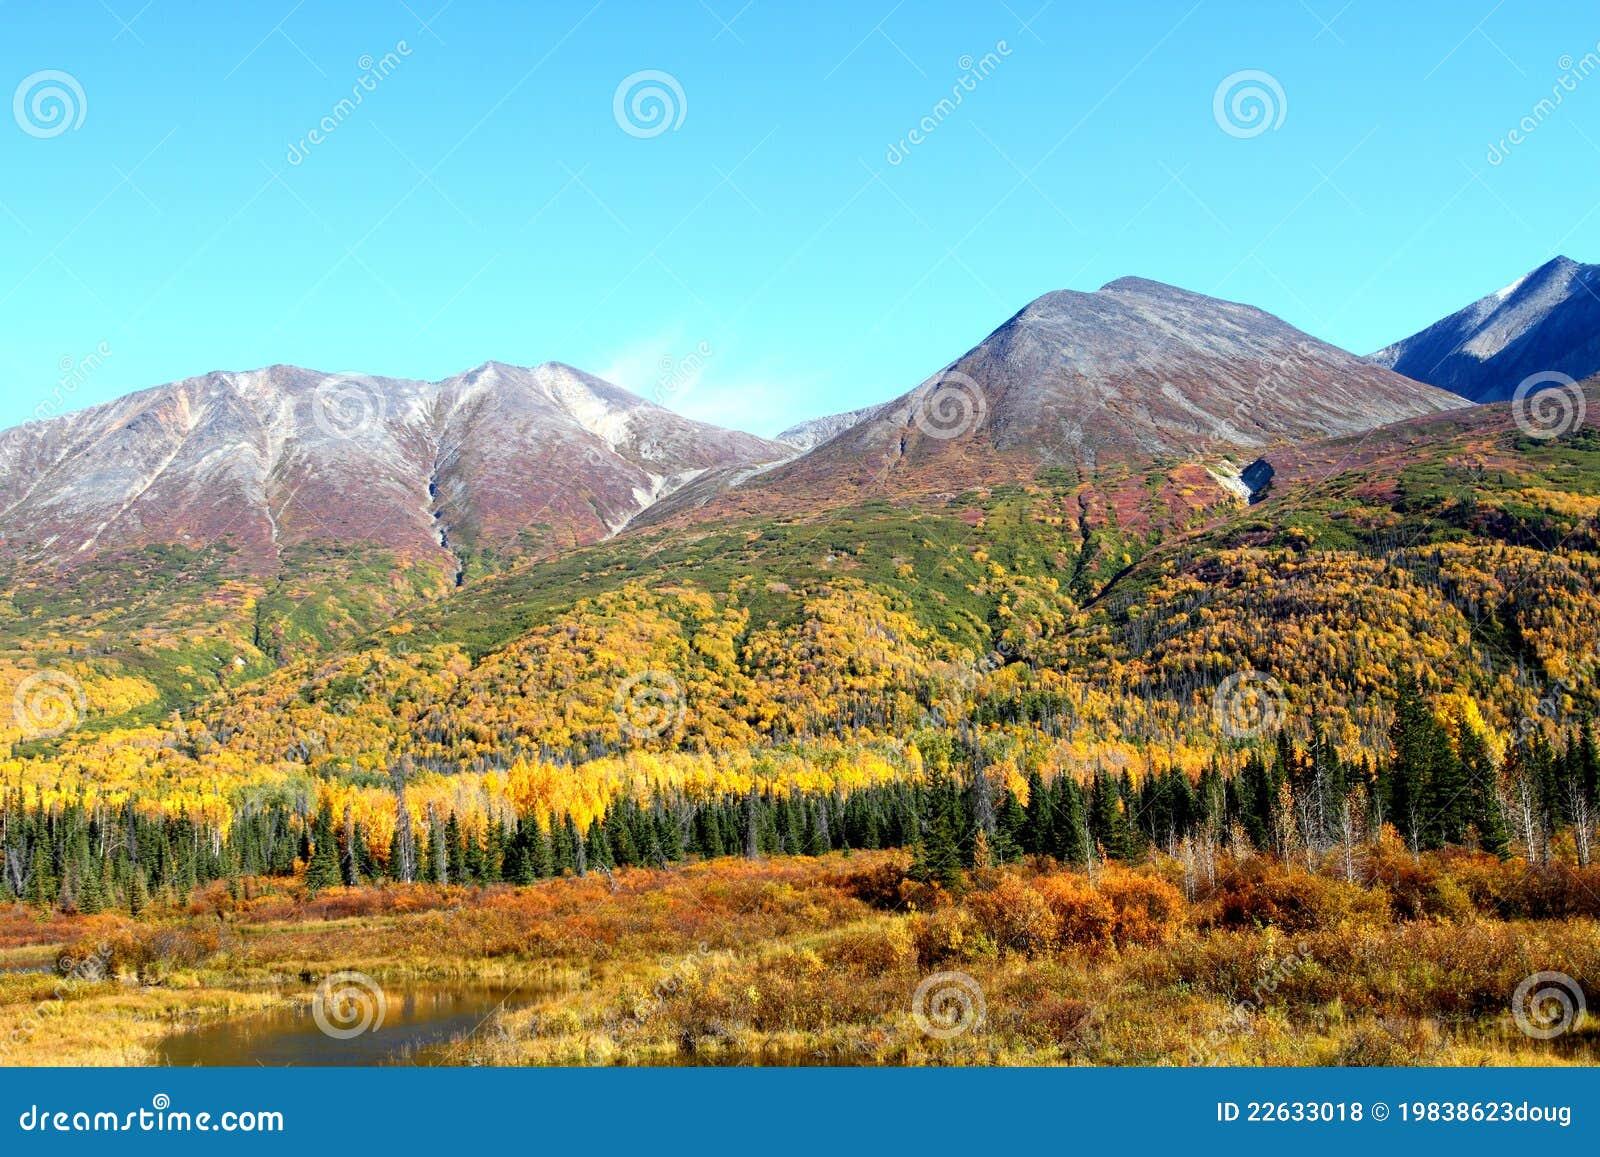 Wrangell-St. Elias Mountains